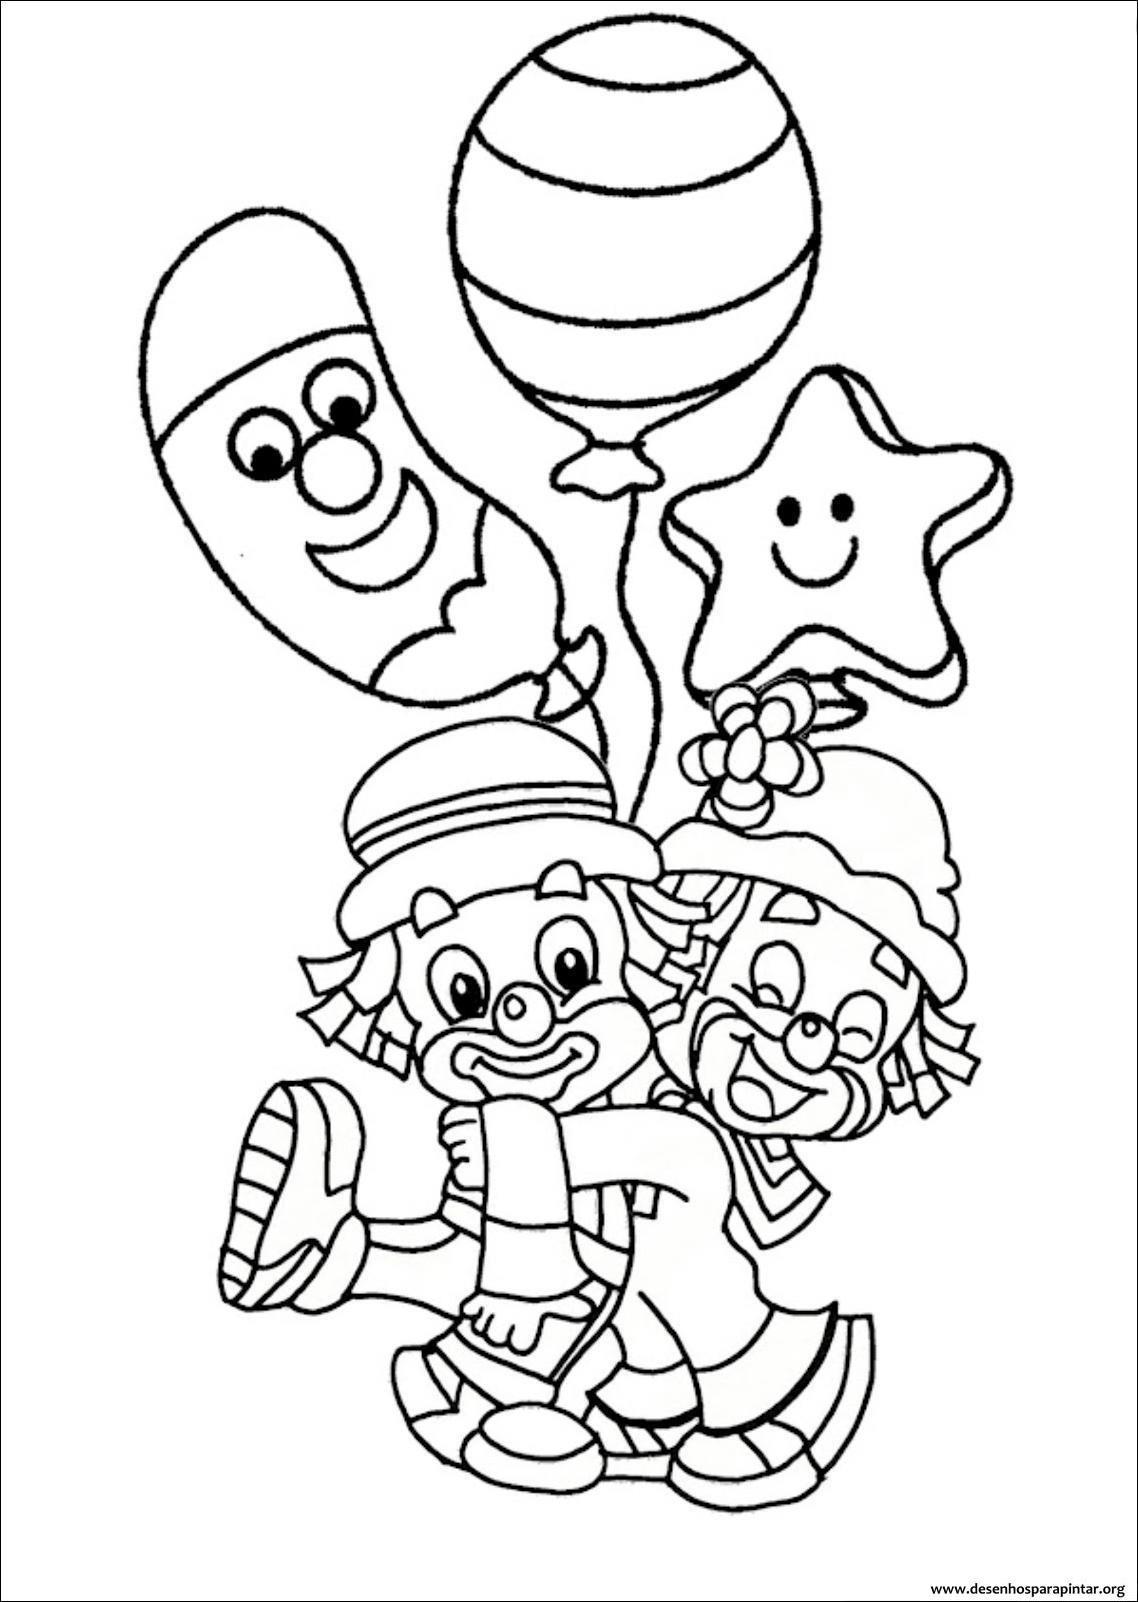 Fotos do desenho as aventuras de caca 22